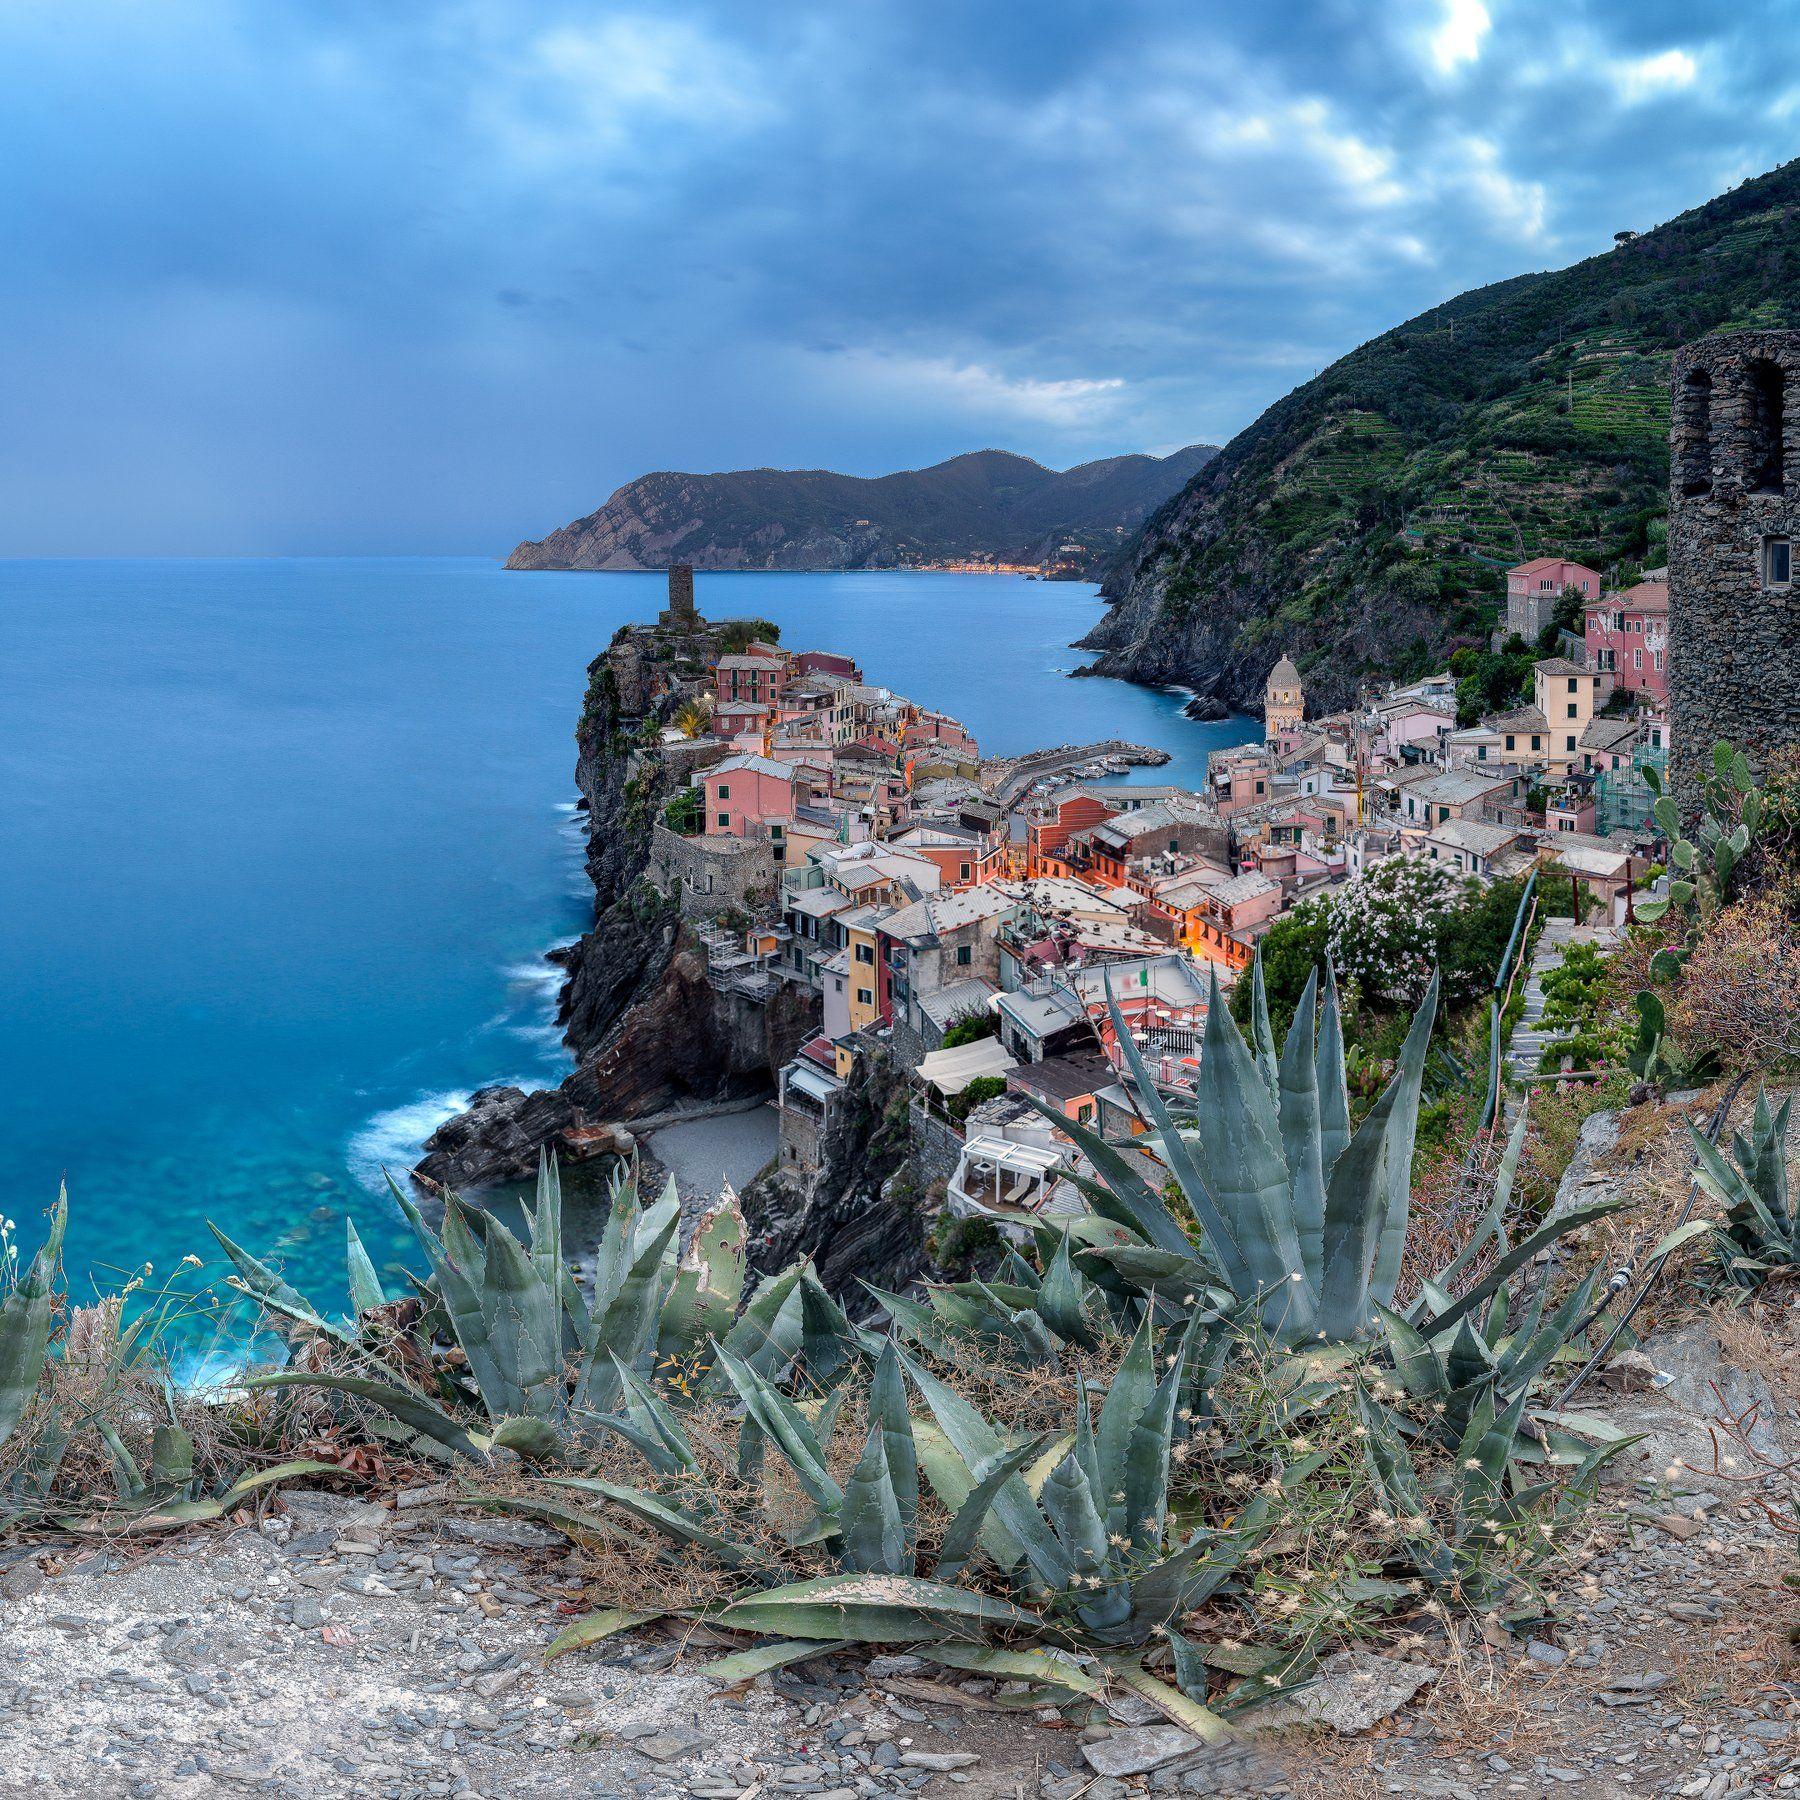 Italy, Liguria, Cinqueterre, vernazza, landscape,, Igor Sokolovsky